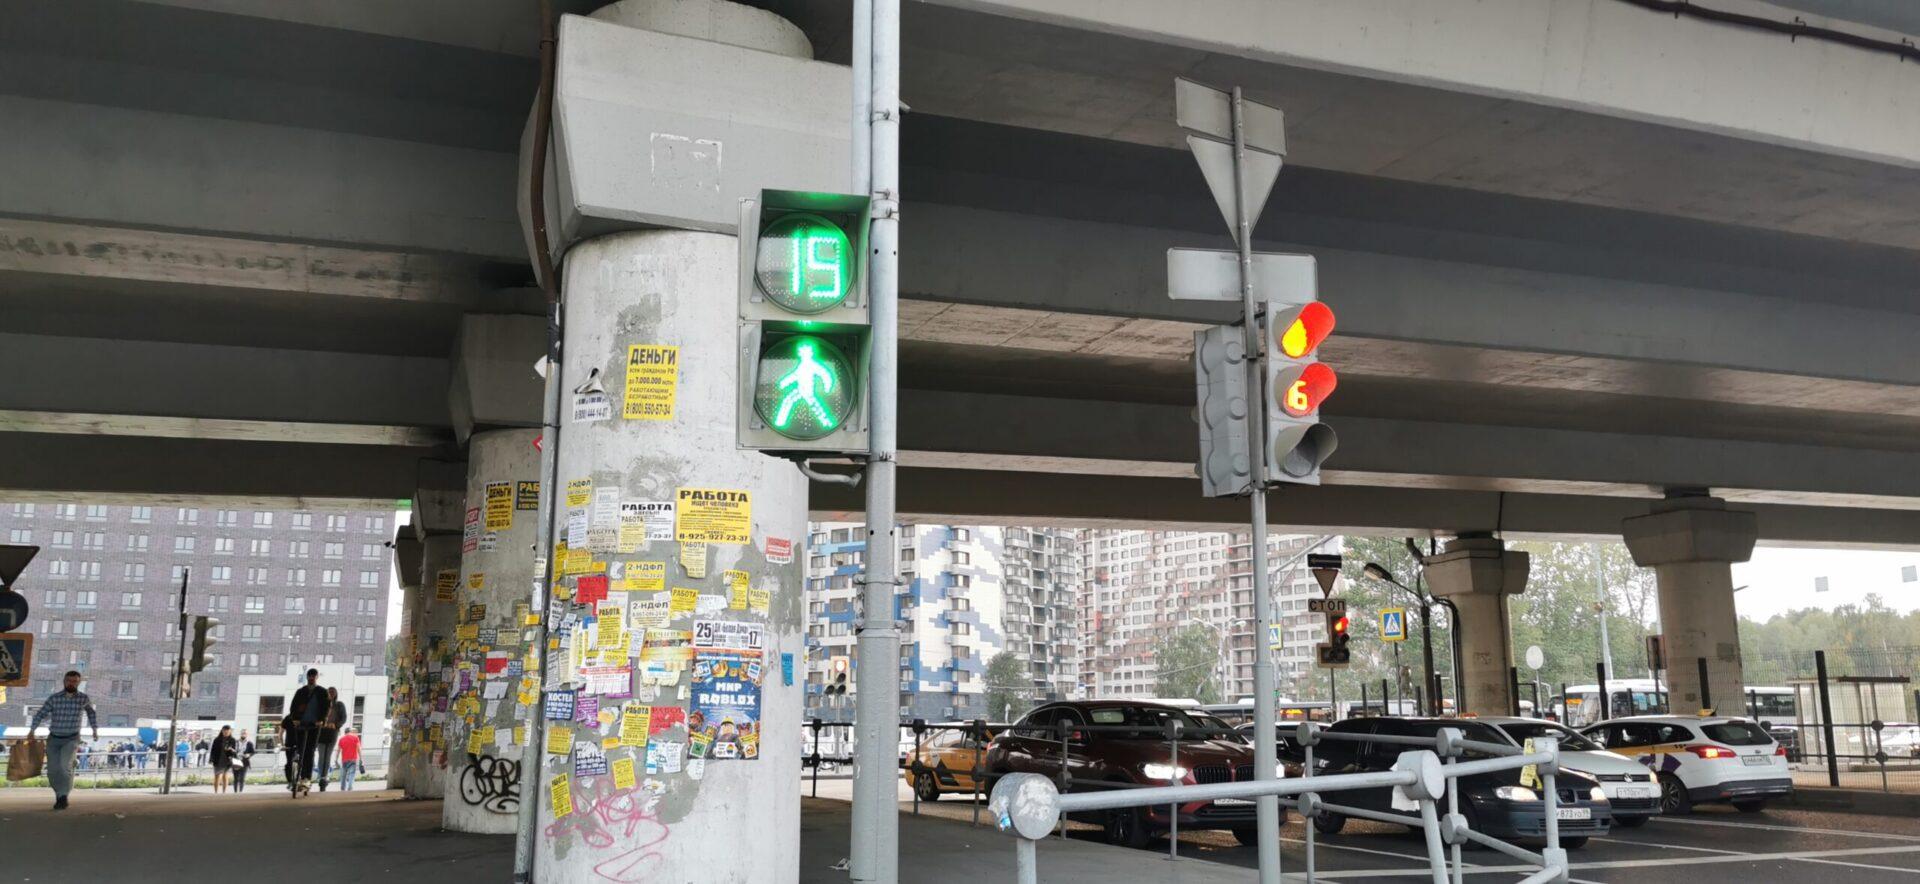 В Мосгордуме Шапошников предложил ввести новые дорожные знаки для электросамокатов